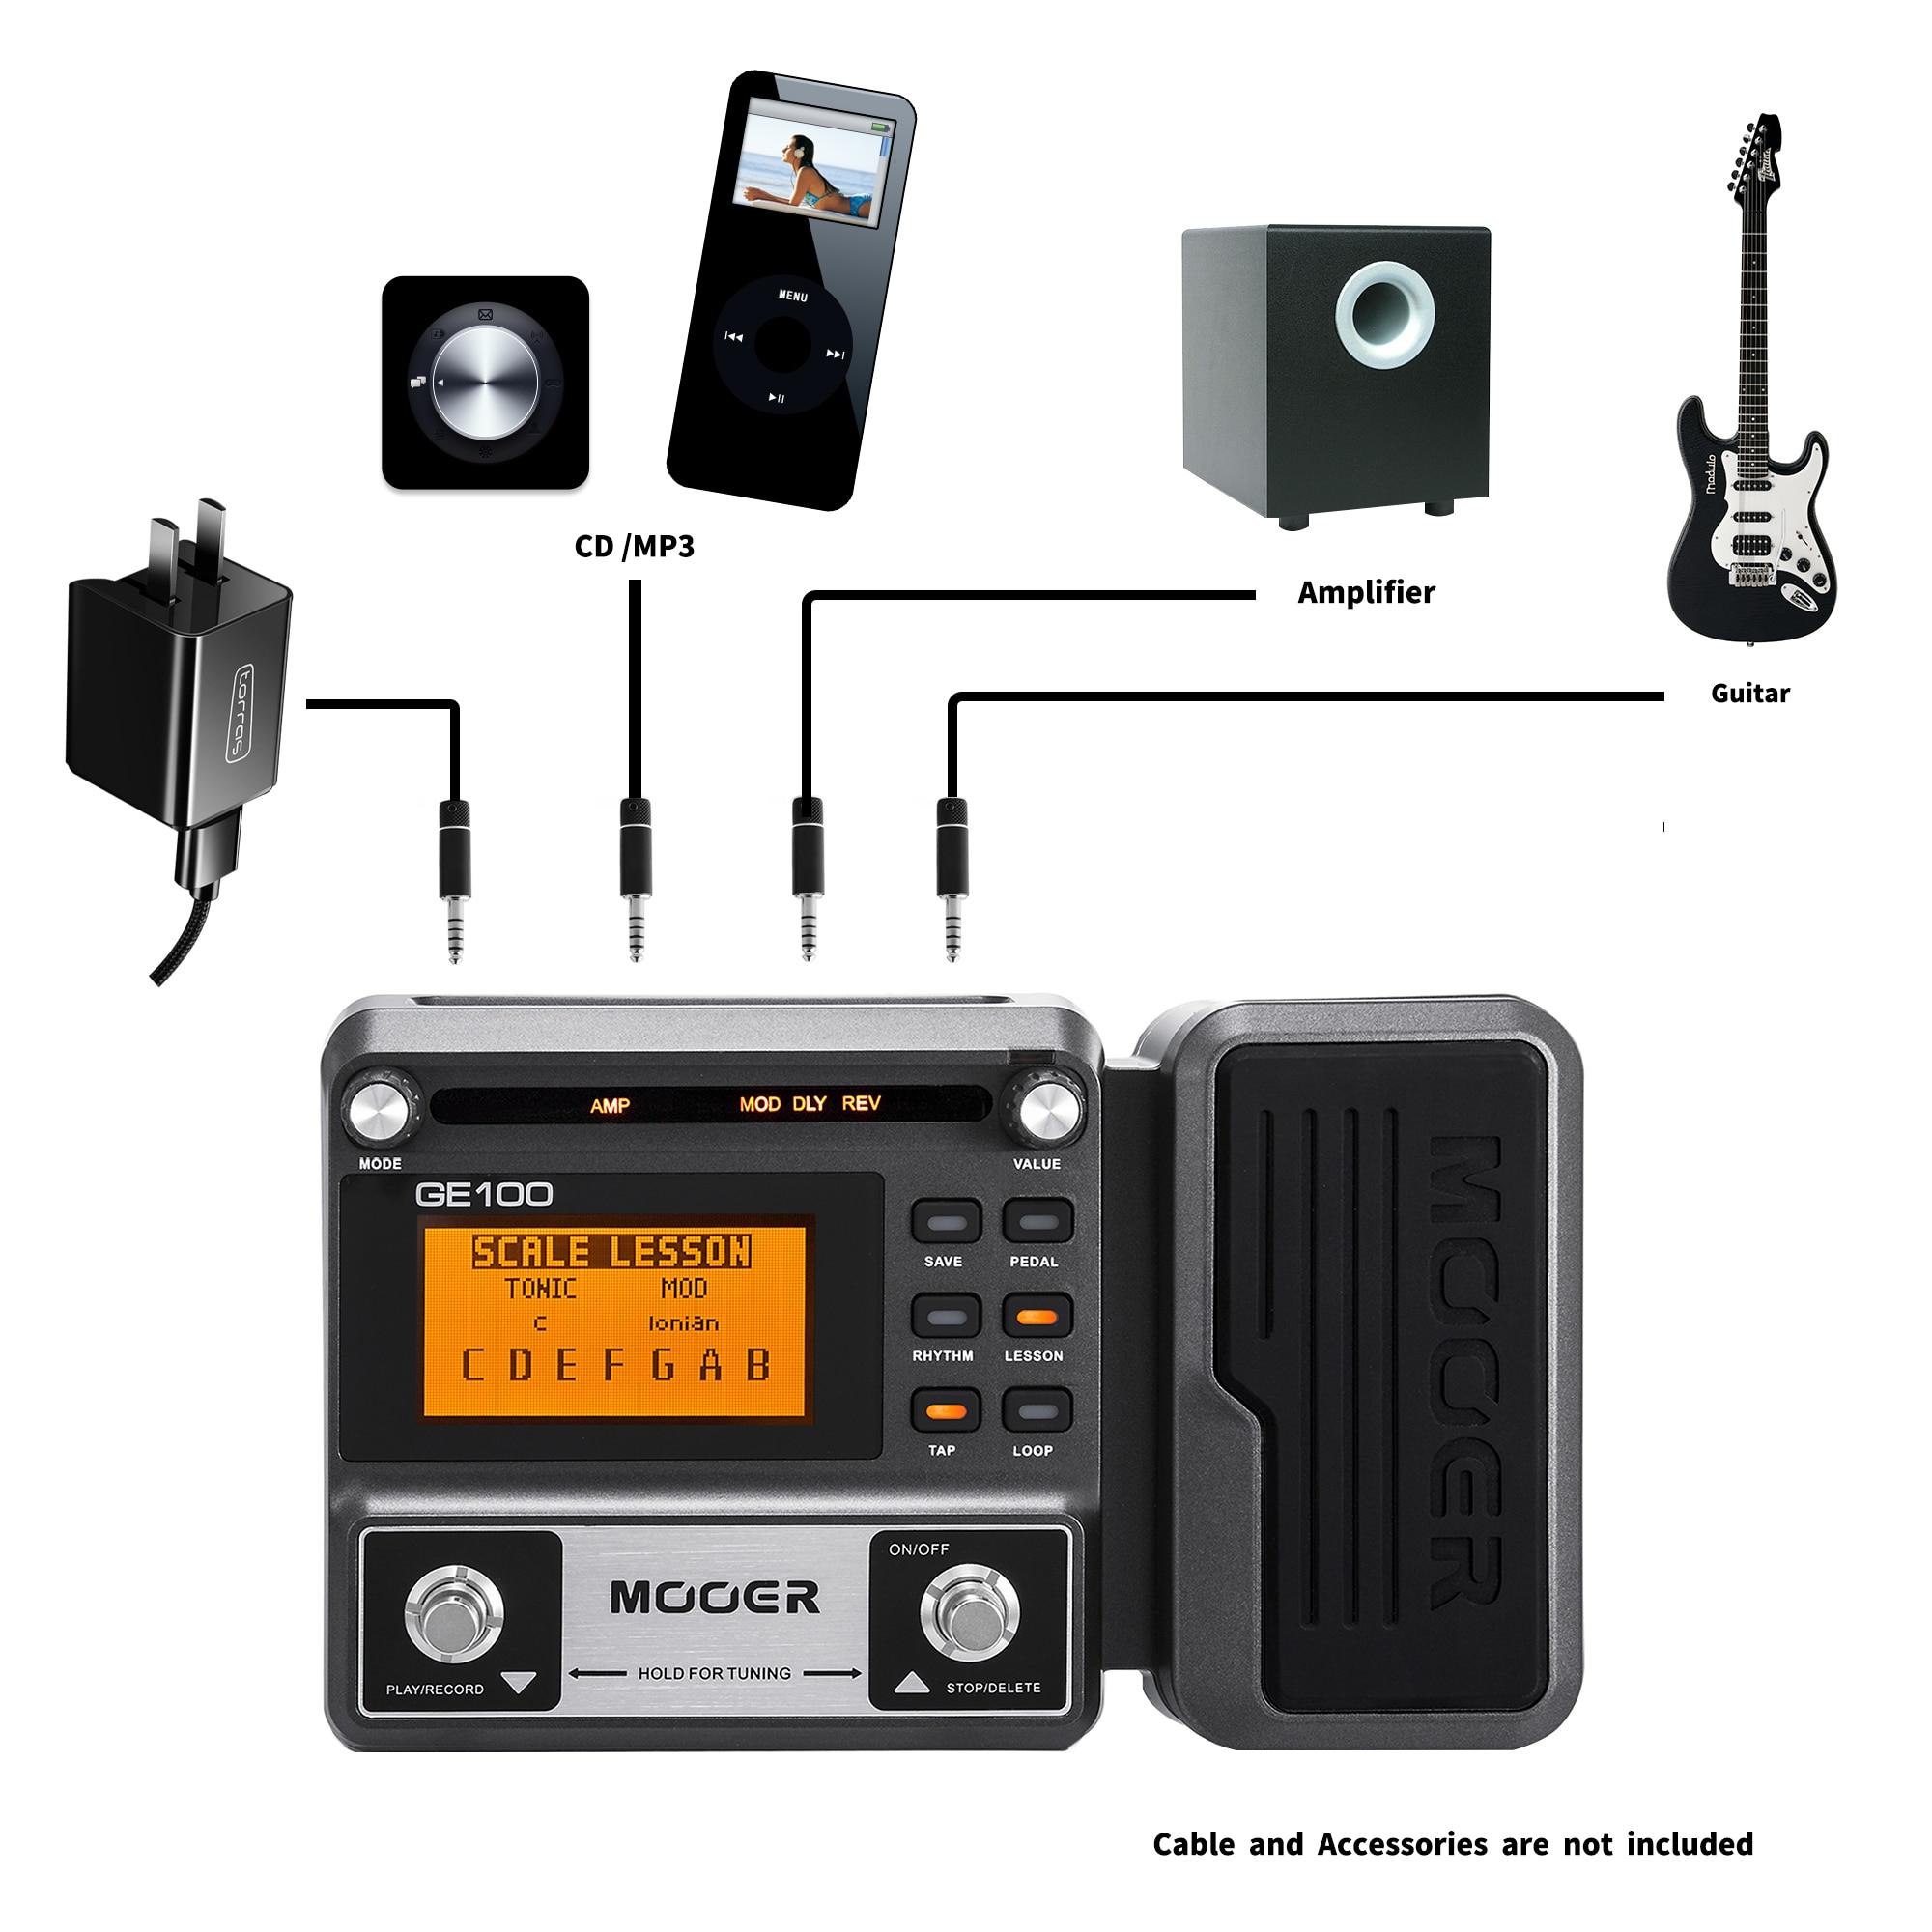 MOOER GE100 Pedal efecto procesador multiefectos con grabación en bucle  (180s),MOOER GE150 guitarra Pedal Amp modelado Looper(80s) Partes y  accesorios de guitarras  - AliExpress